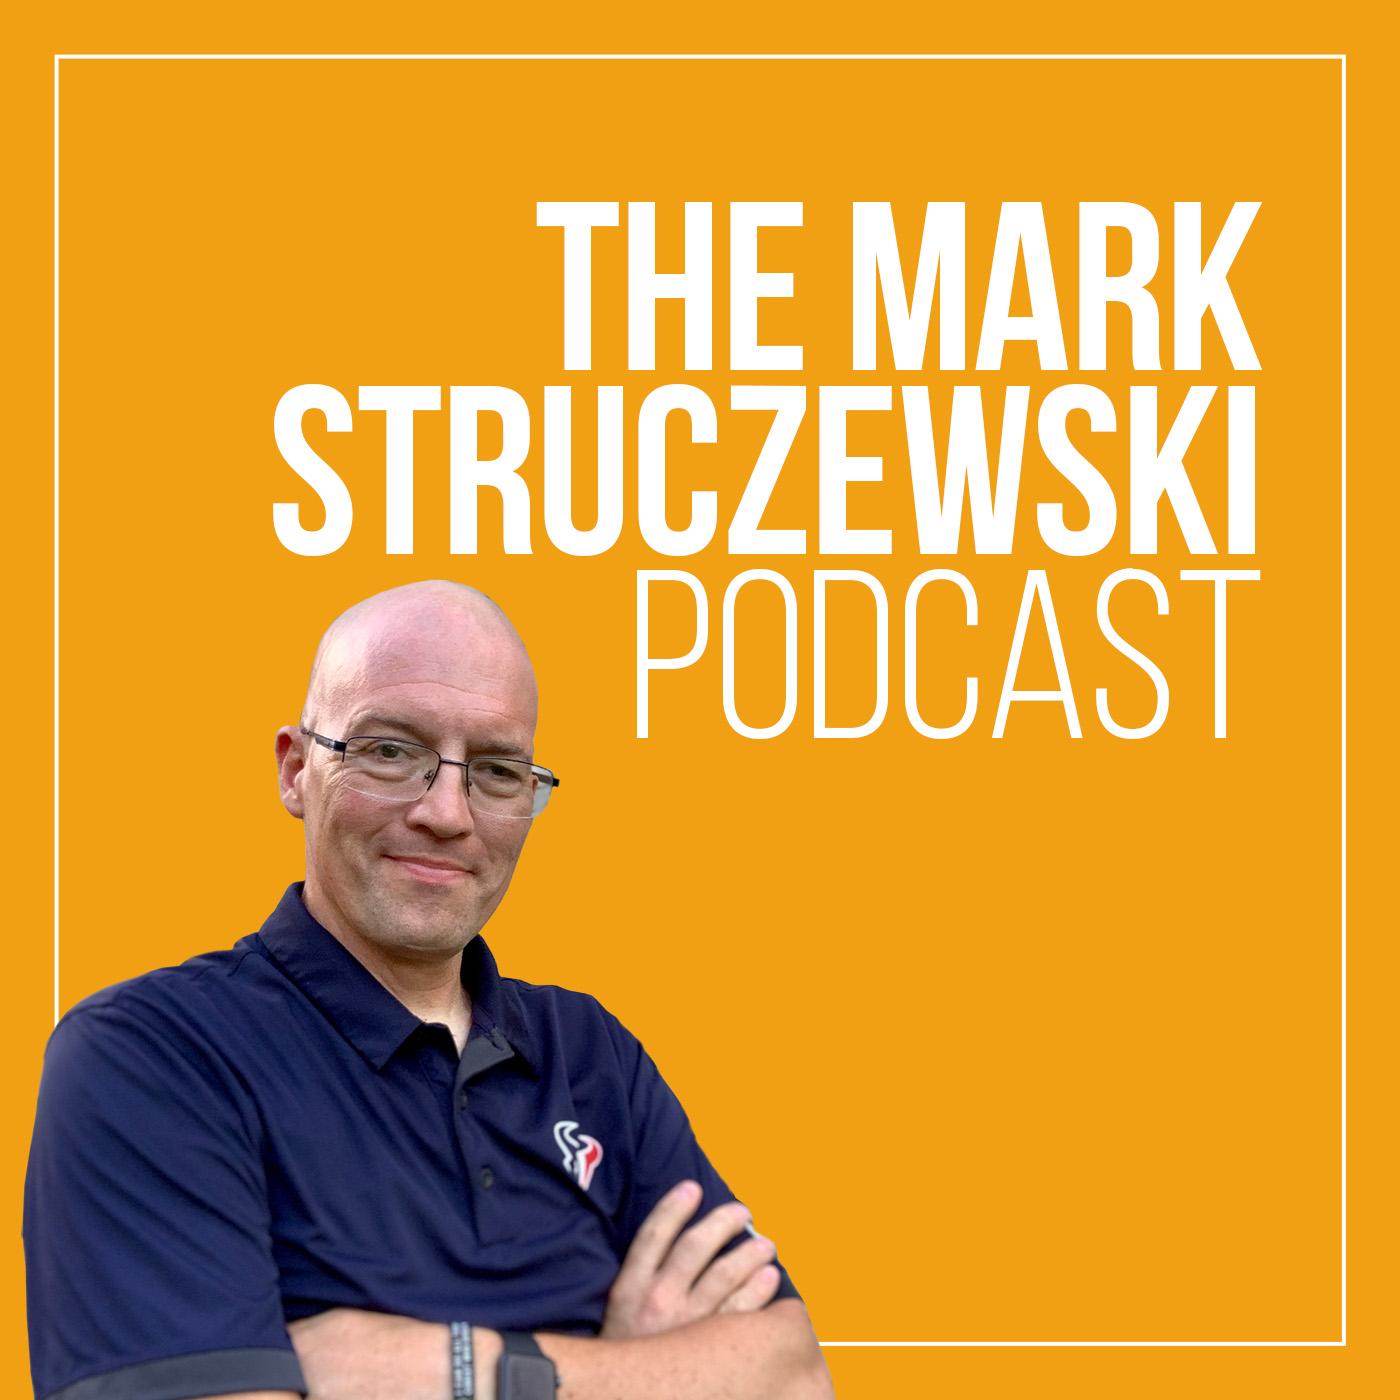 The Mark Struczewski Podcast show art